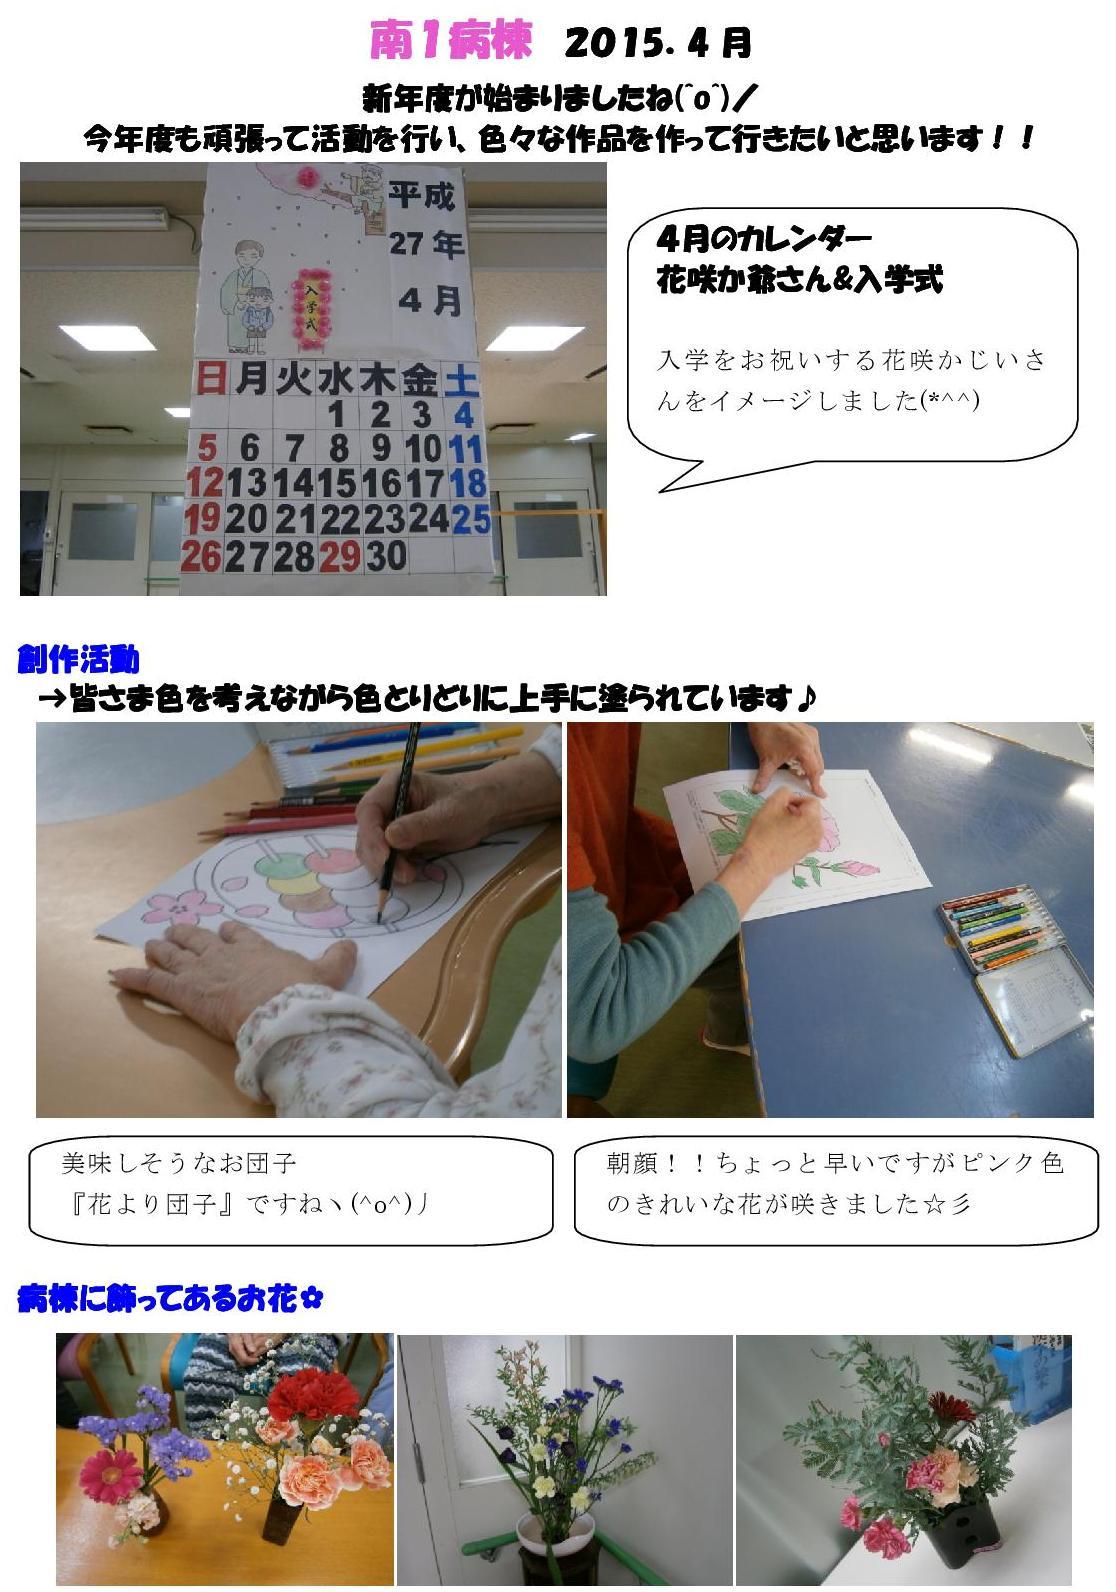 minami1_working_201504